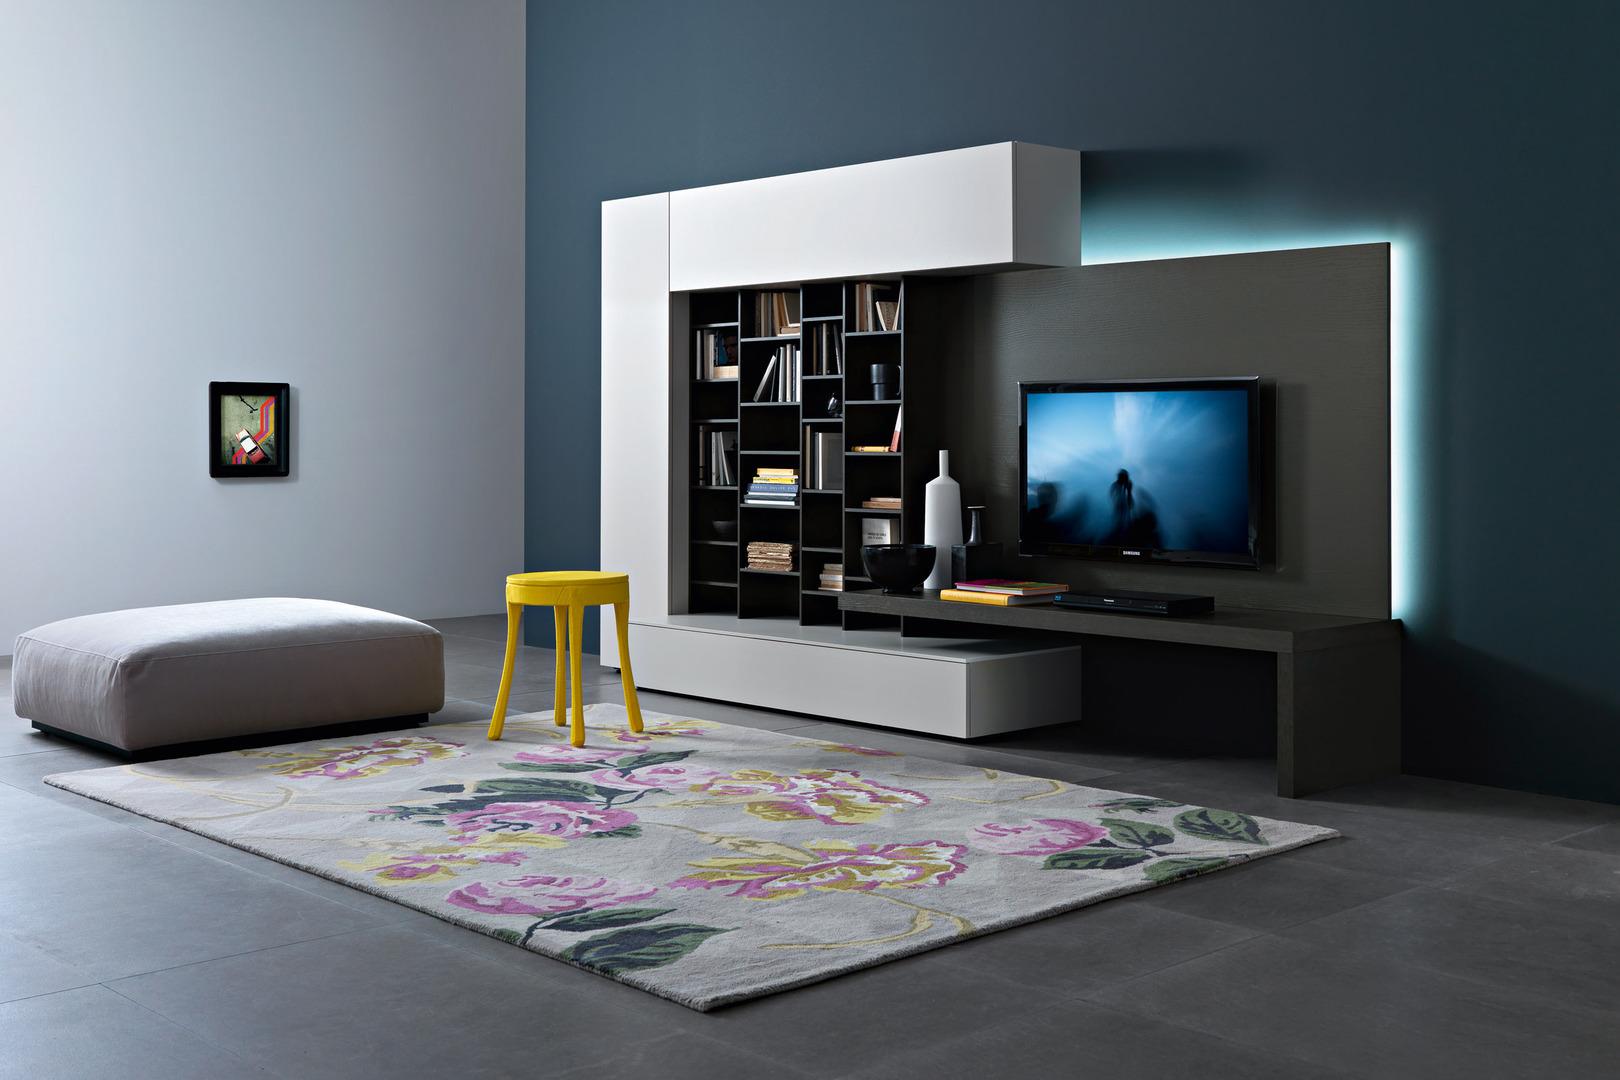 Living Arredamento Soggiorno Moderno Design.Arredamenti Milani Arredamento Soggiorno Moderno Design